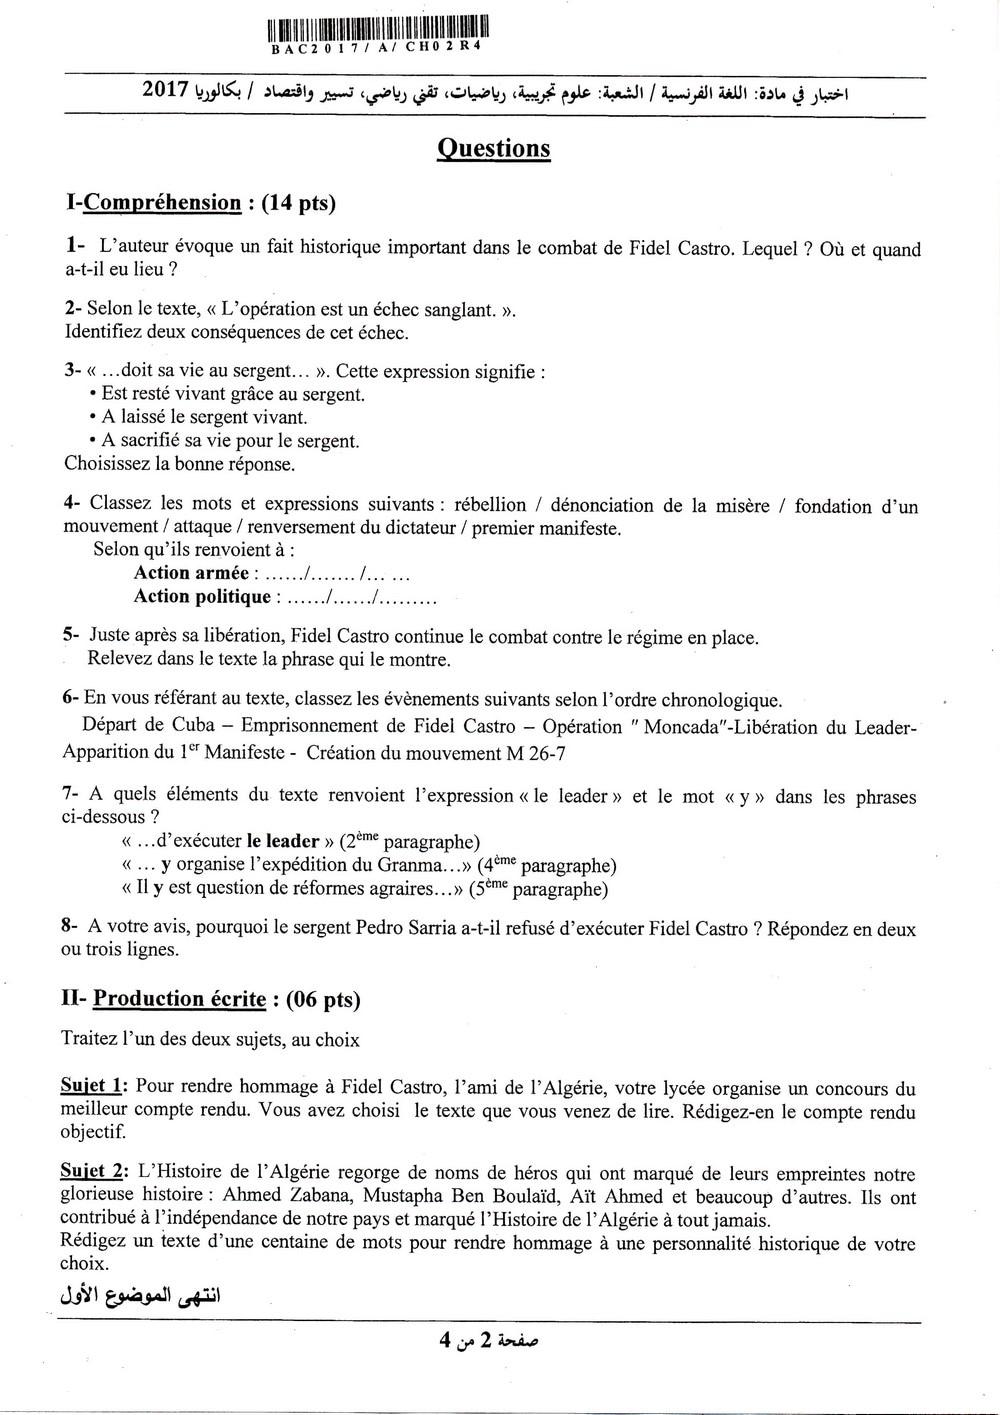 شهادة البكالوريا 2016 المواضيع و التصحيحات شعبة الرياضيات French-sci-bac2017-page-2_1_orig